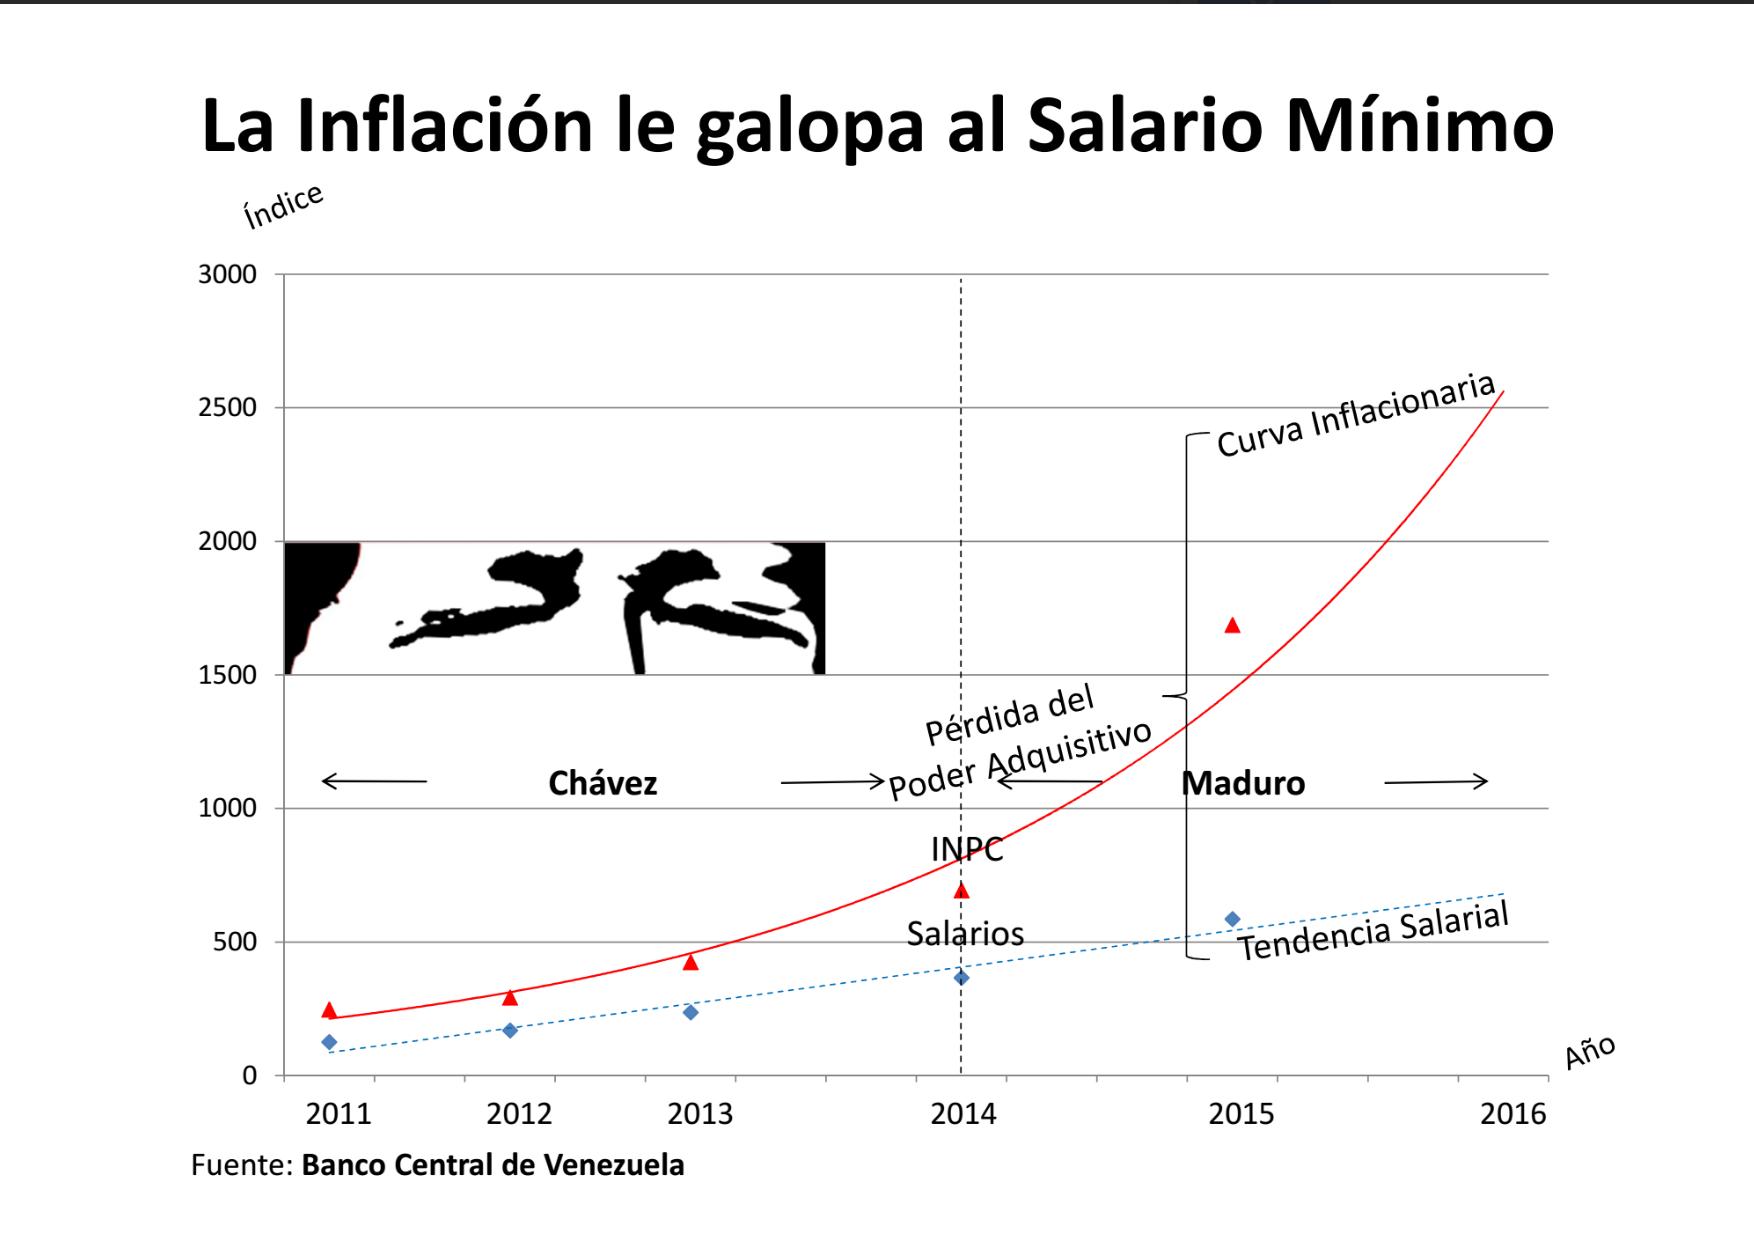 InflaciónVsSalarioMínimo